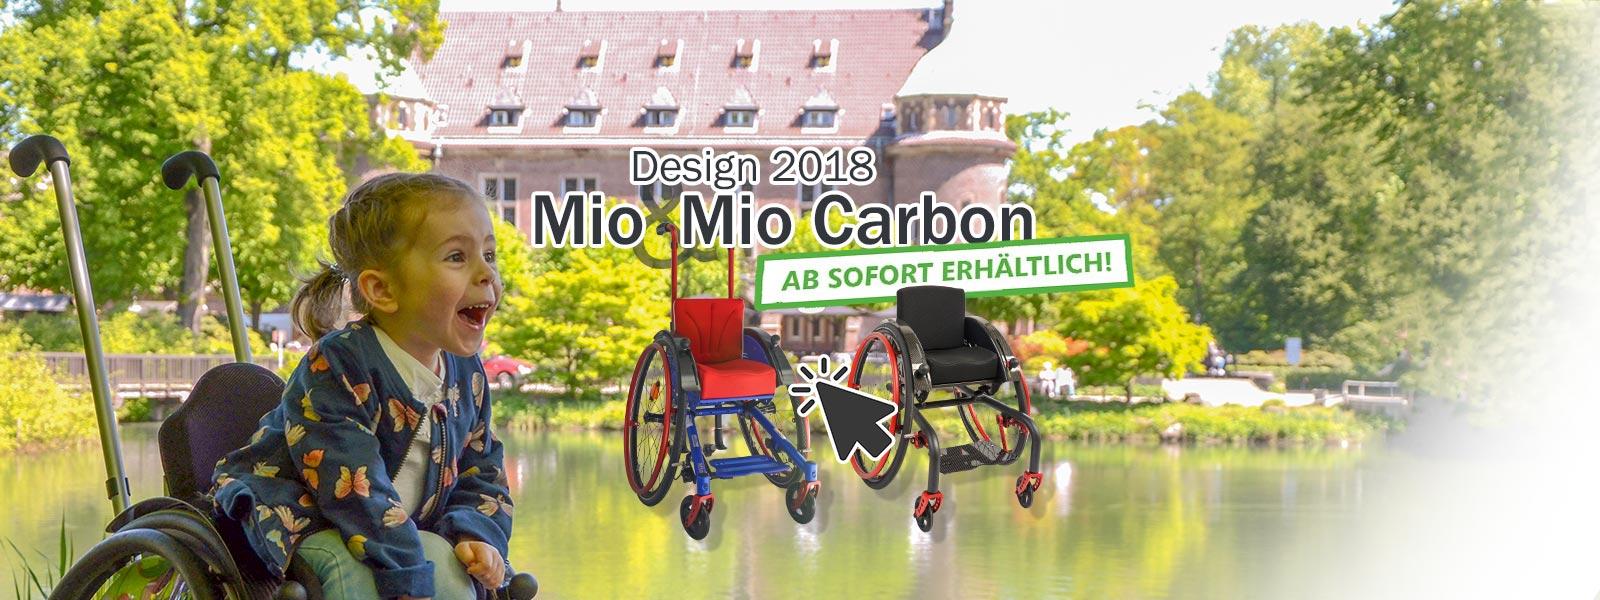 Aktivrollstuhl für Kinder - der neue Mio Design 2018